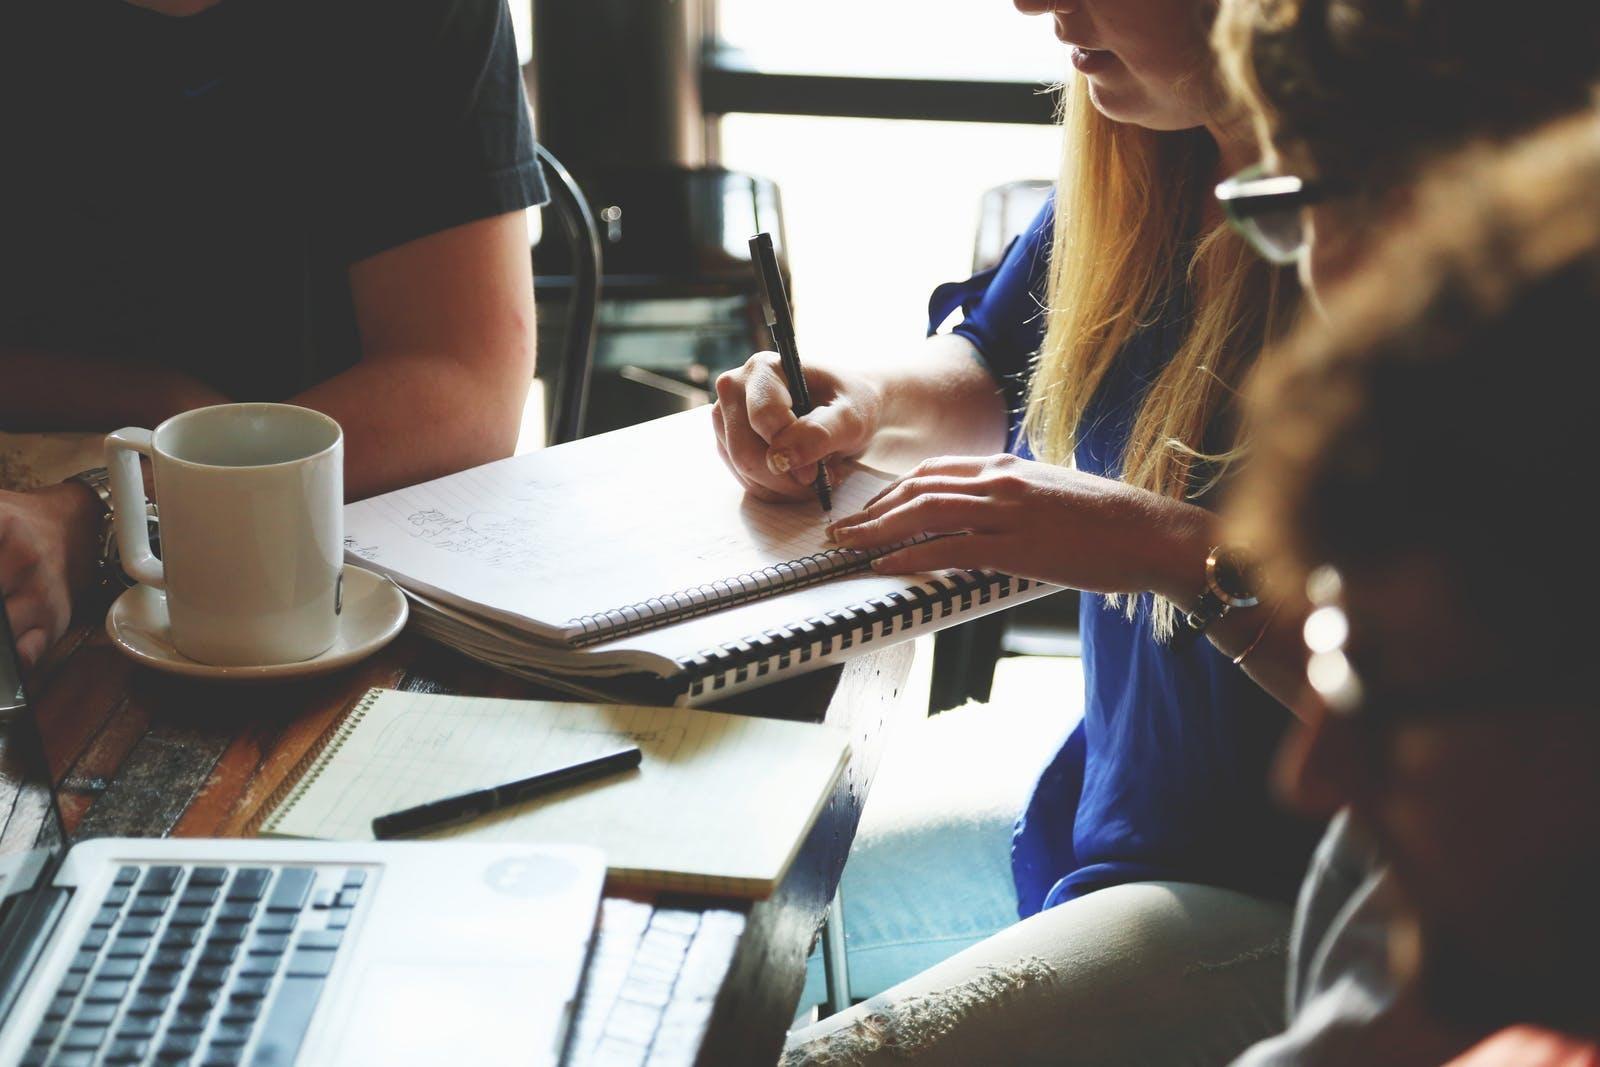 123130_people-woman-coffee-meeting.jpg